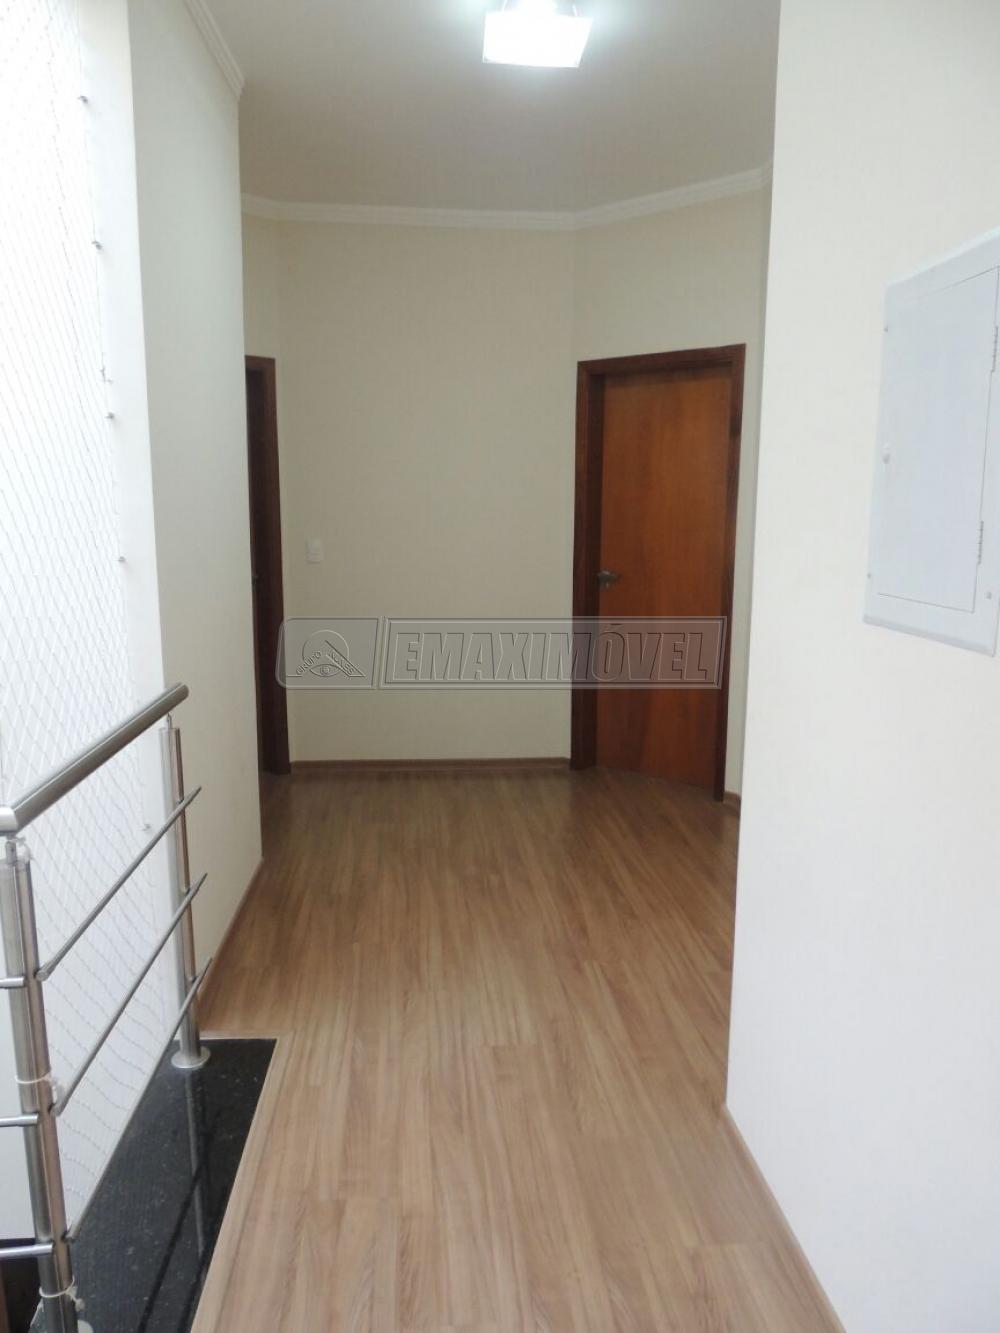 Comprar Casas / em Condomínios em Sorocaba apenas R$ 870.000,00 - Foto 13